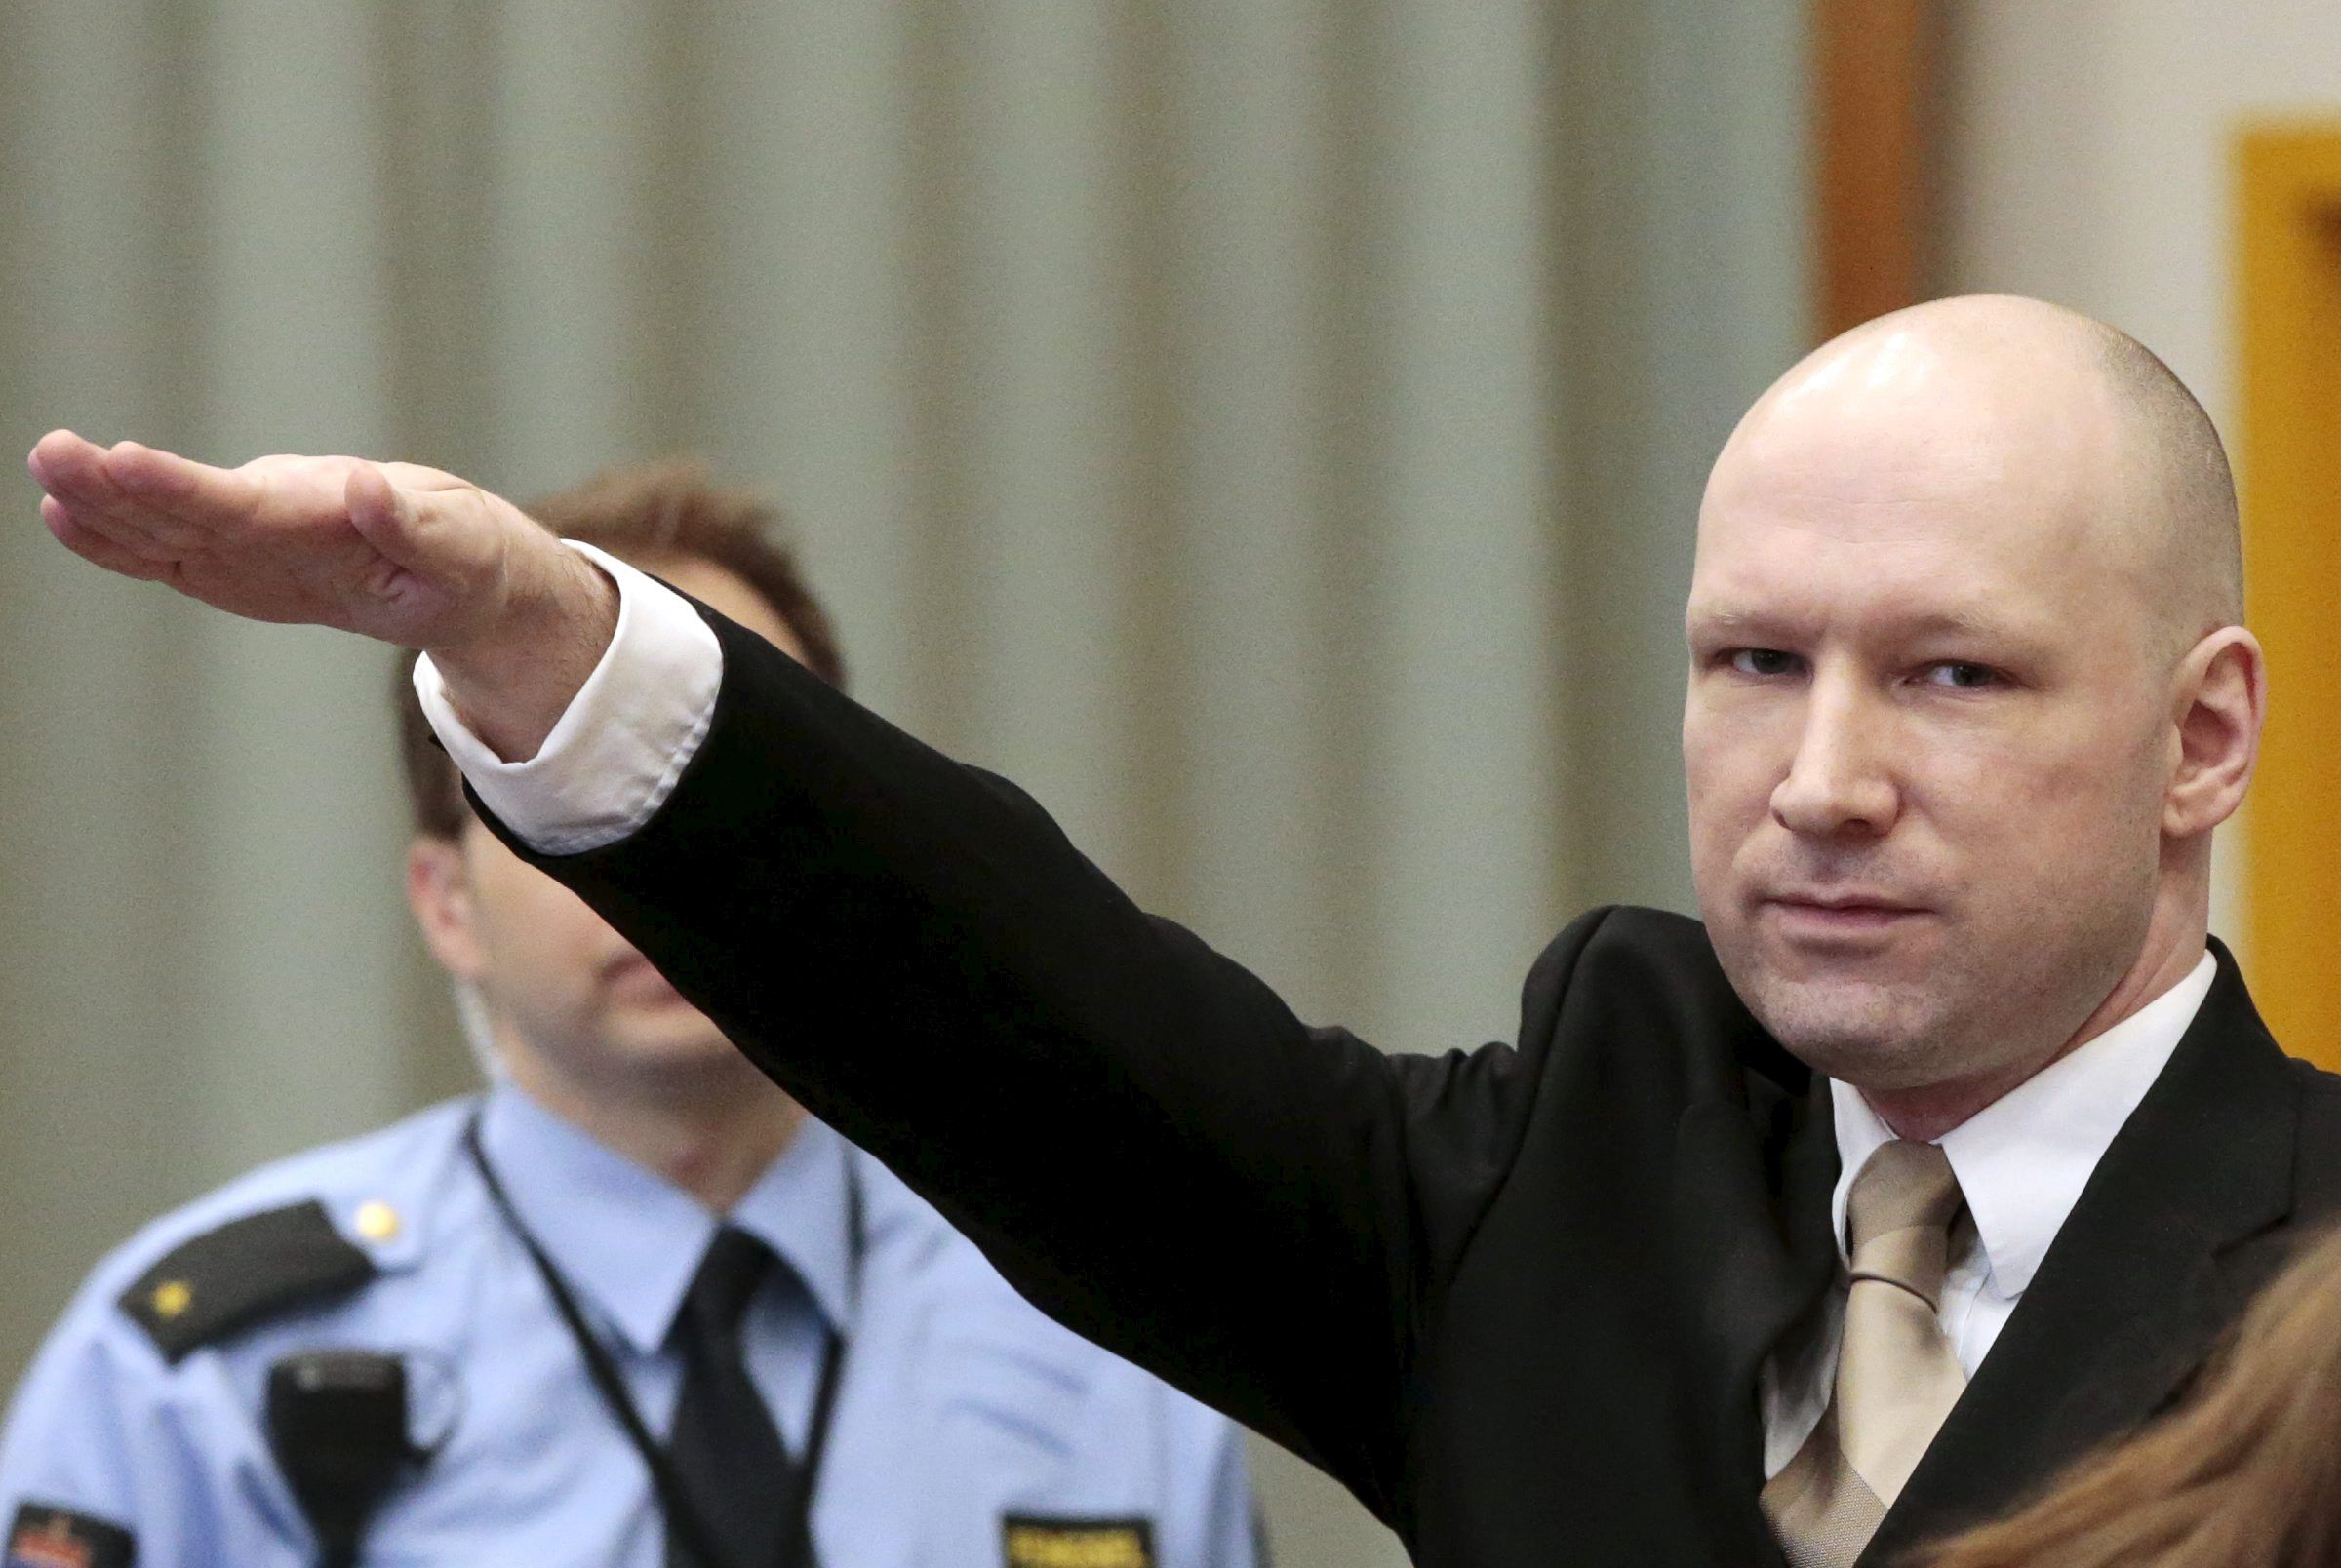 Anders Breivik Nazi salute